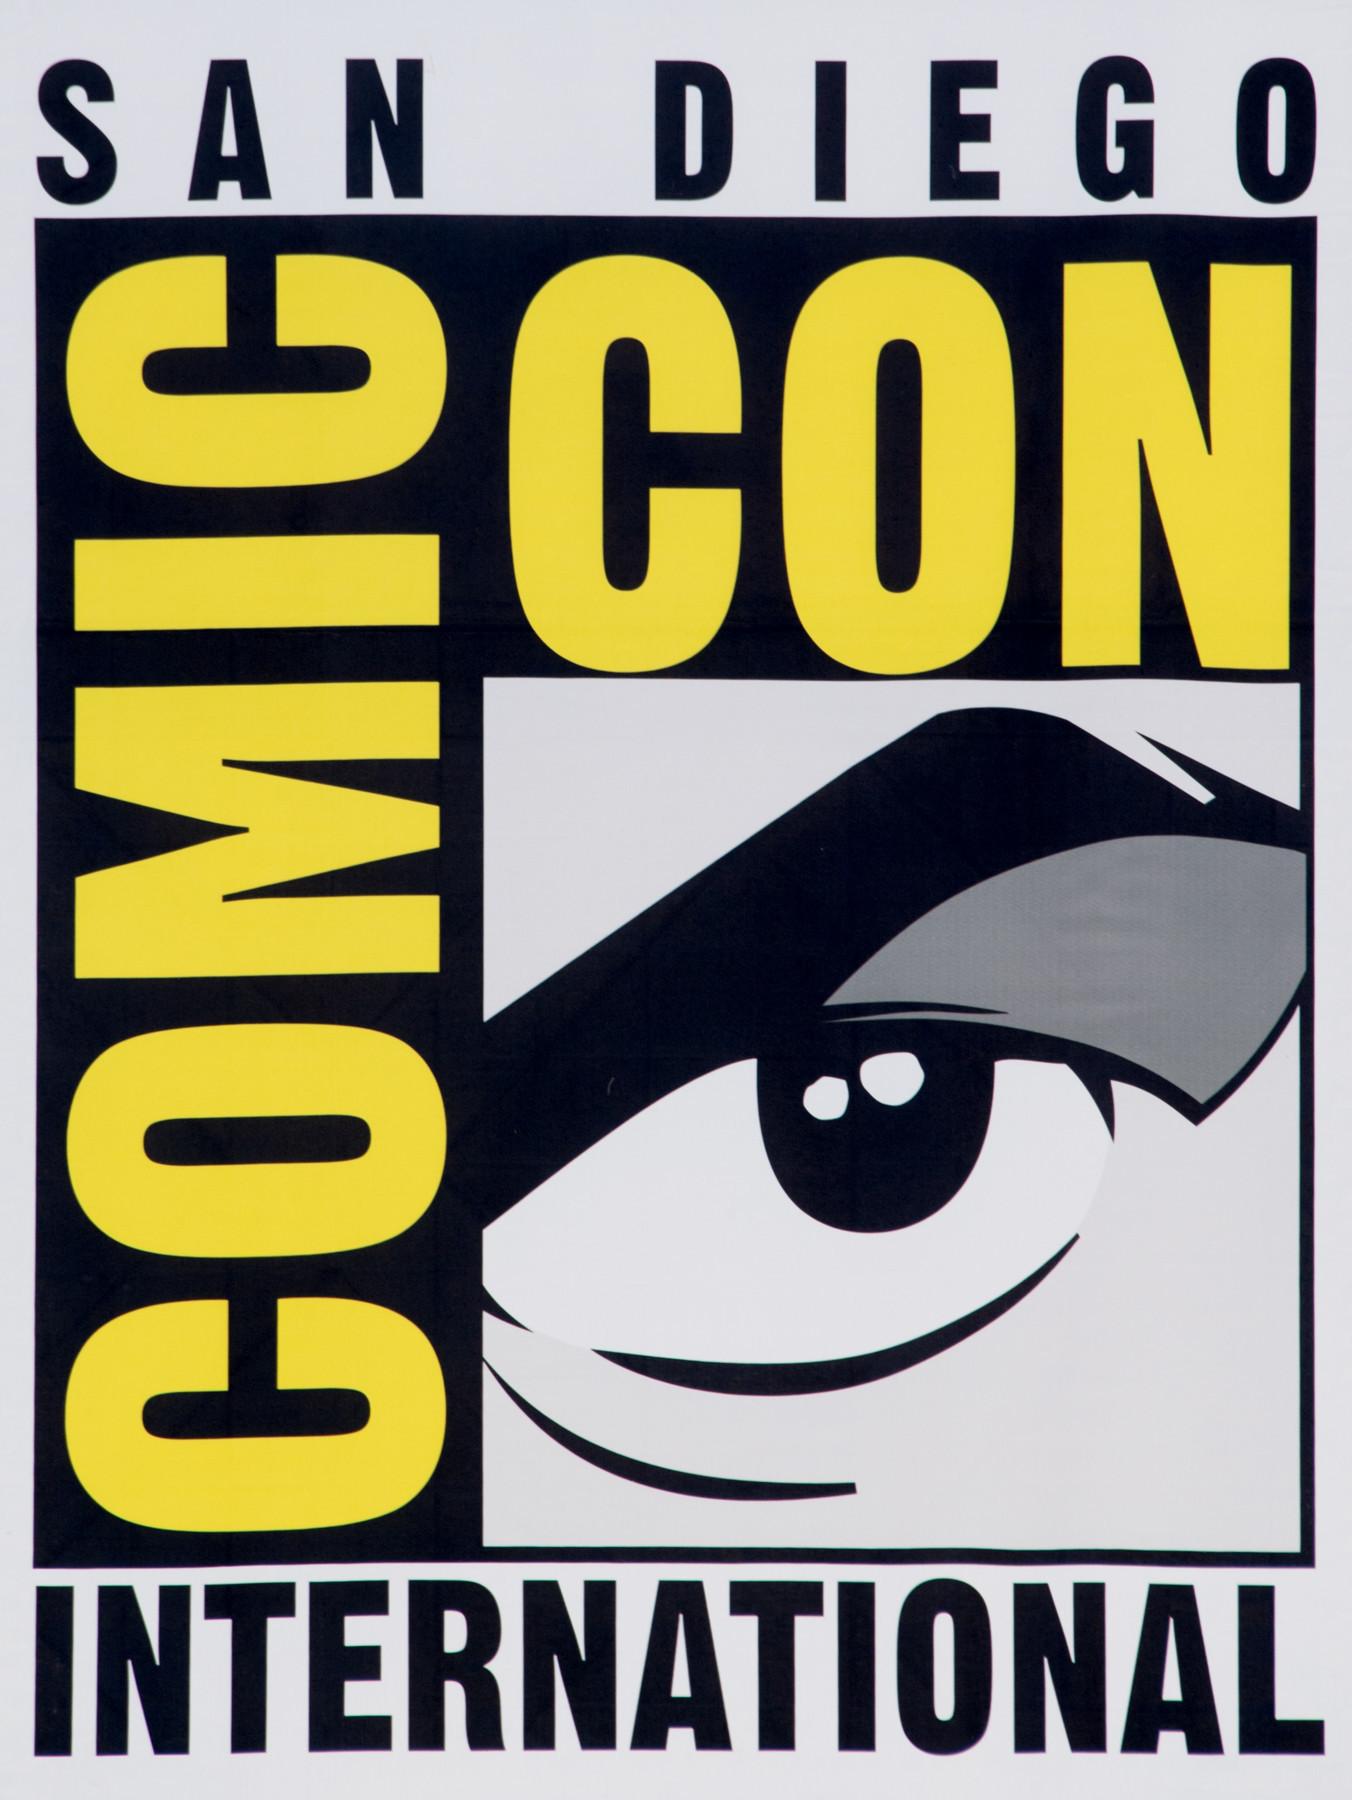 Comic-Con runs July 19-23.